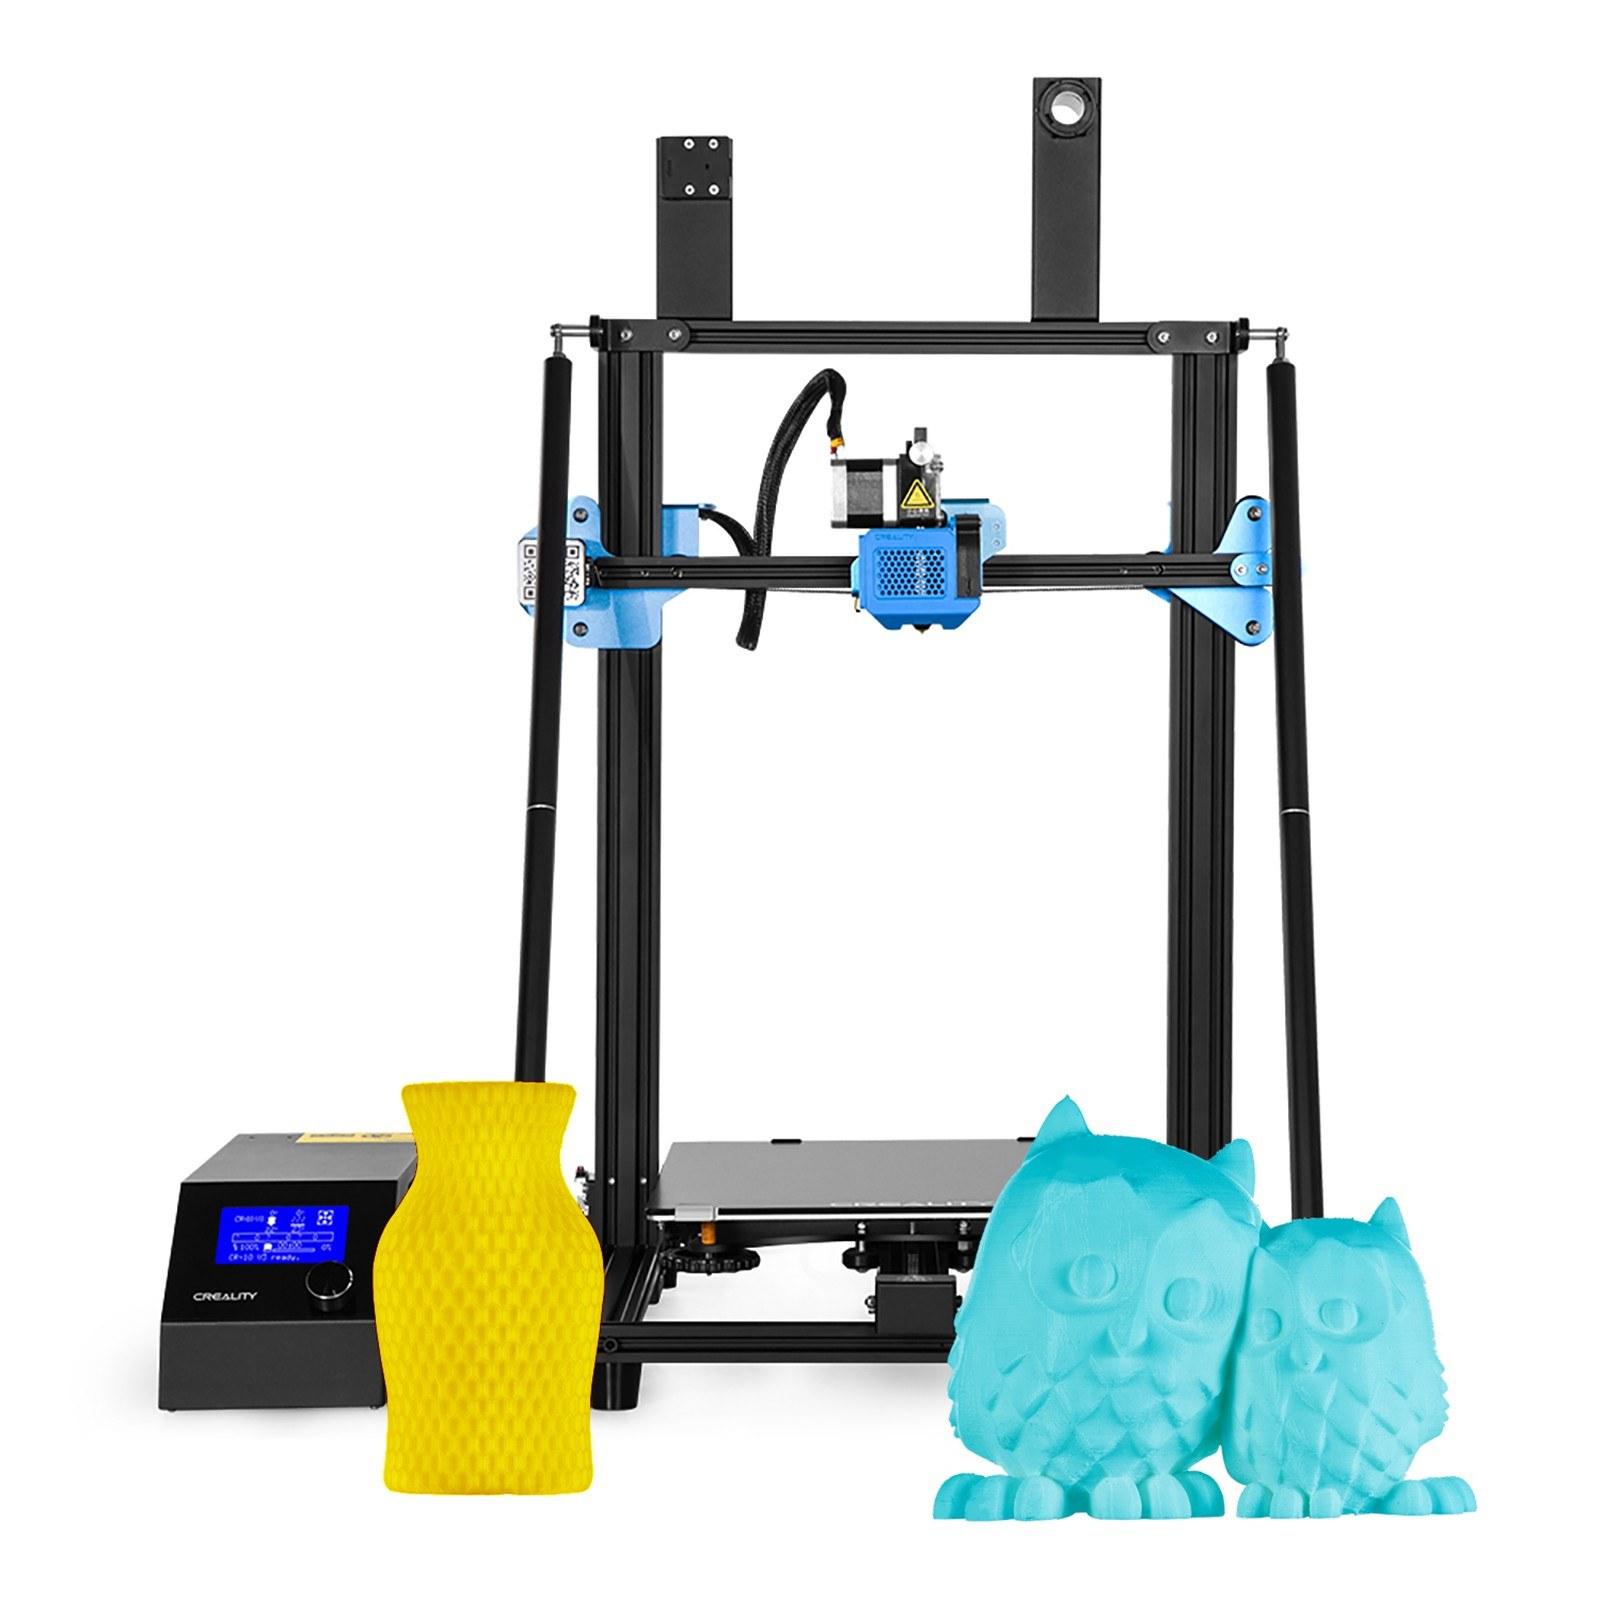 tomtop.com - 49% OFF Creality 3D CR-10 V3 Upgrade High Precision, EU Warehouse $450.58